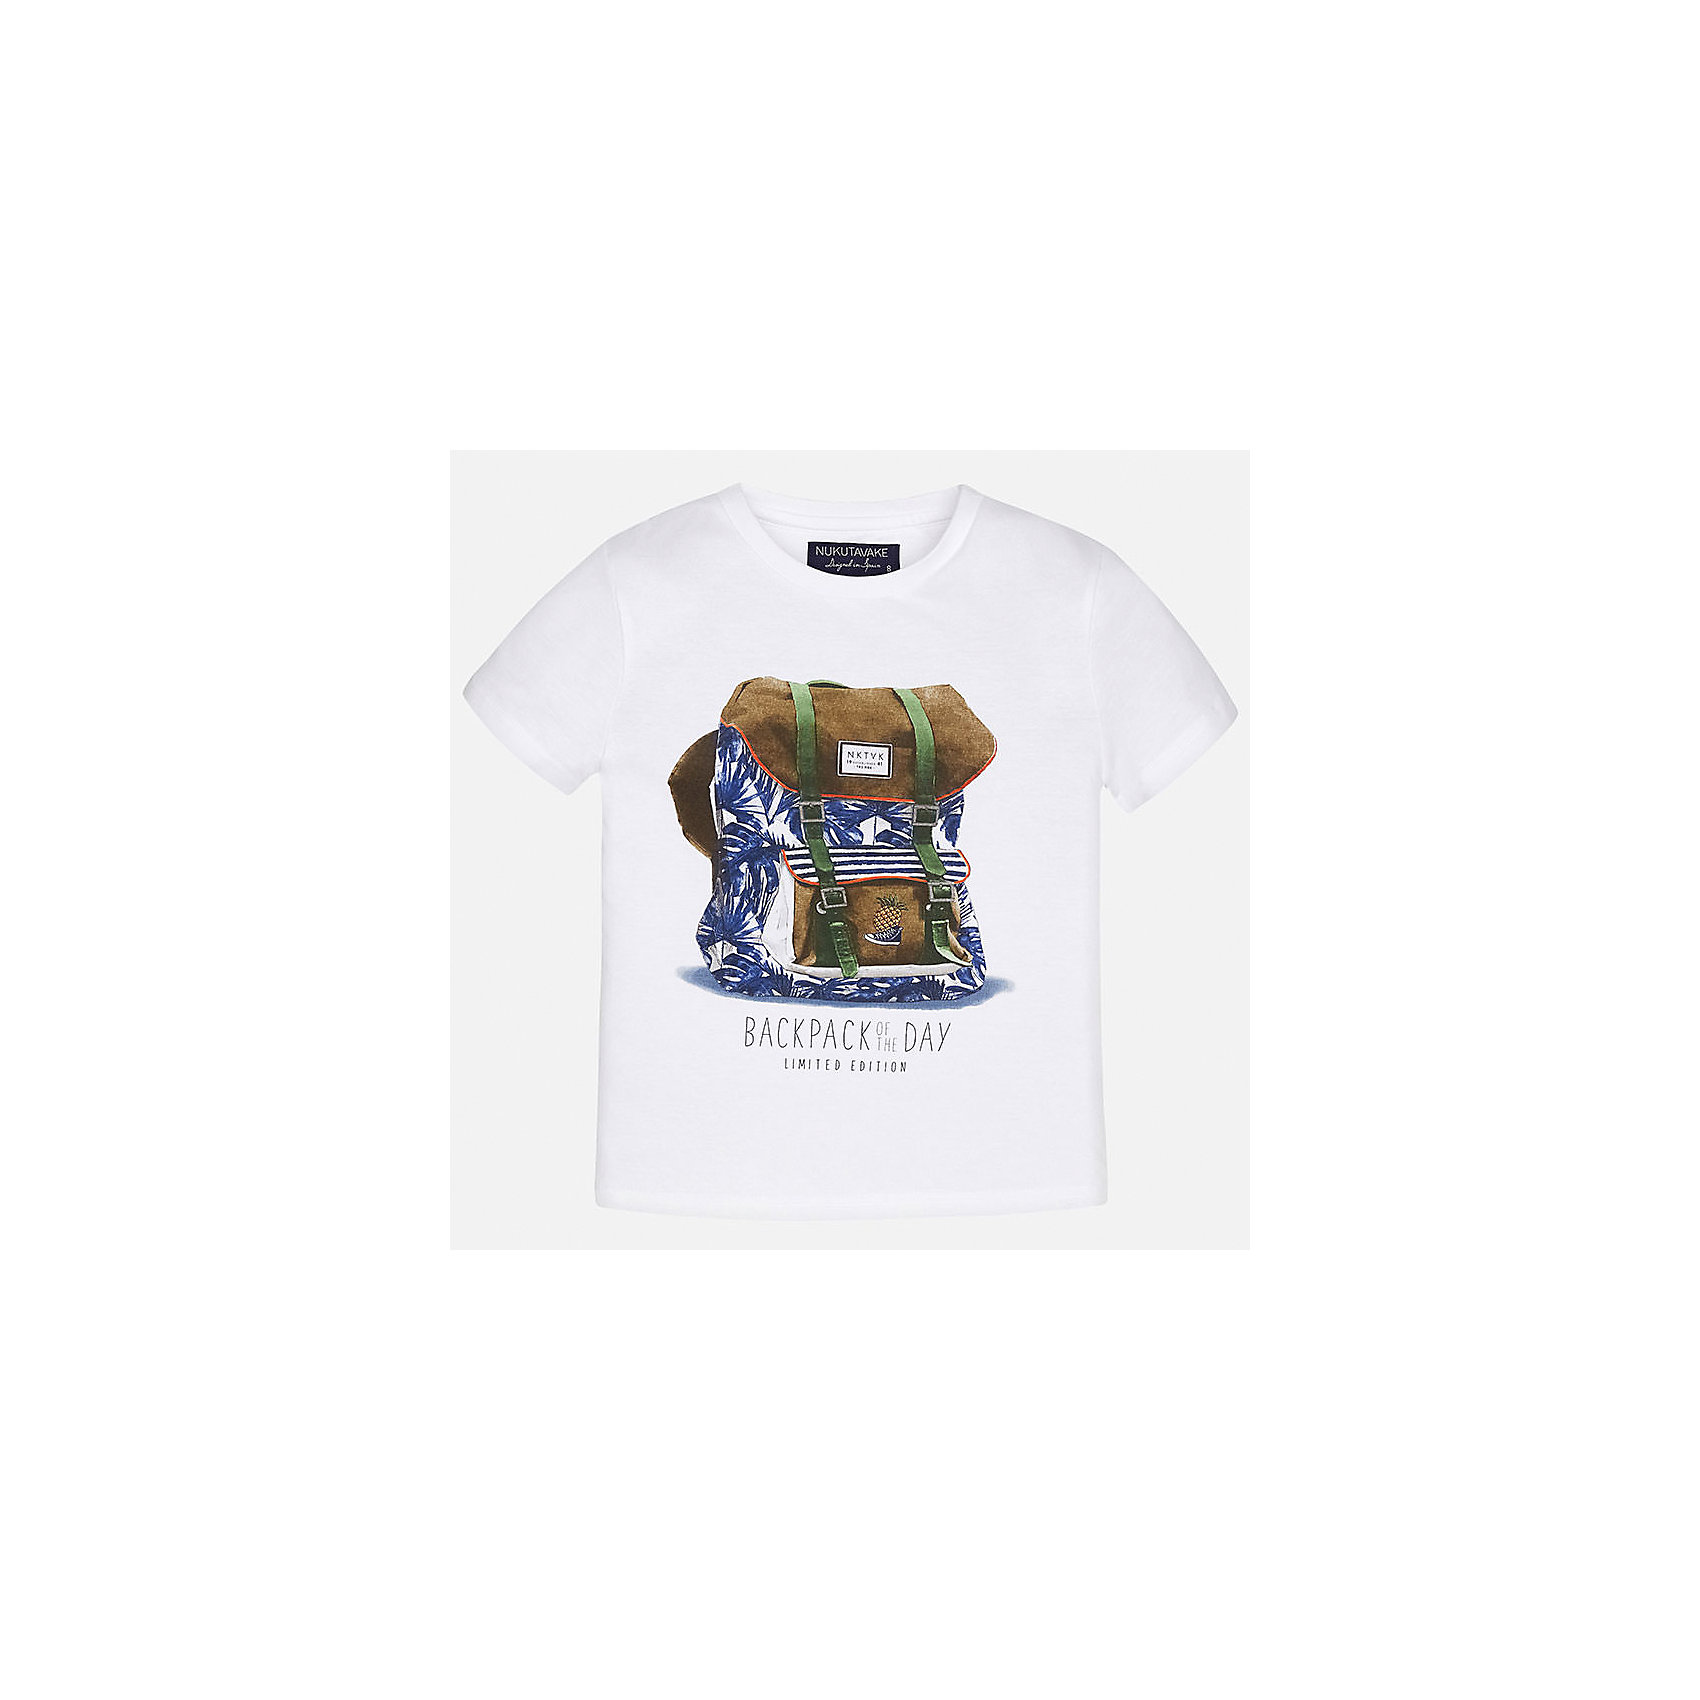 Футболка для мальчика MayoralХарактеристики товара:<br><br>• цвет: белый<br>• состав: 100% хлопок<br>• круглый горловой вырез<br>• декорирована принтом<br>• короткие рукава<br>• мягкая отделка горловины<br>• страна бренда: Испания<br><br>Стильная удобная футболка с принтом поможет разнообразить гардероб мальчика. Она отлично сочетается с брюками, шортами, джинсами. Универсальный крой и цвет позволяет подобрать к вещи низ разных расцветок. Практичное и стильное изделие! Хорошо смотрится и комфортно сидит на детях. В составе материала - только натуральный хлопок, гипоаллергенный, приятный на ощупь, дышащий. <br><br>Одежда, обувь и аксессуары от испанского бренда Mayoral полюбились детям и взрослым по всему миру. Модели этой марки - стильные и удобные. Для их производства используются только безопасные, качественные материалы и фурнитура. Порадуйте ребенка модными и красивыми вещами от Mayoral! <br><br>Футболку для мальчика от испанского бренда Mayoral (Майорал) можно купить в нашем интернет-магазине.<br><br>Ширина мм: 199<br>Глубина мм: 10<br>Высота мм: 161<br>Вес г: 151<br>Цвет: белый<br>Возраст от месяцев: 120<br>Возраст до месяцев: 132<br>Пол: Мужской<br>Возраст: Детский<br>Размер: 152,164,158,140,128/134,170<br>SKU: 5281302